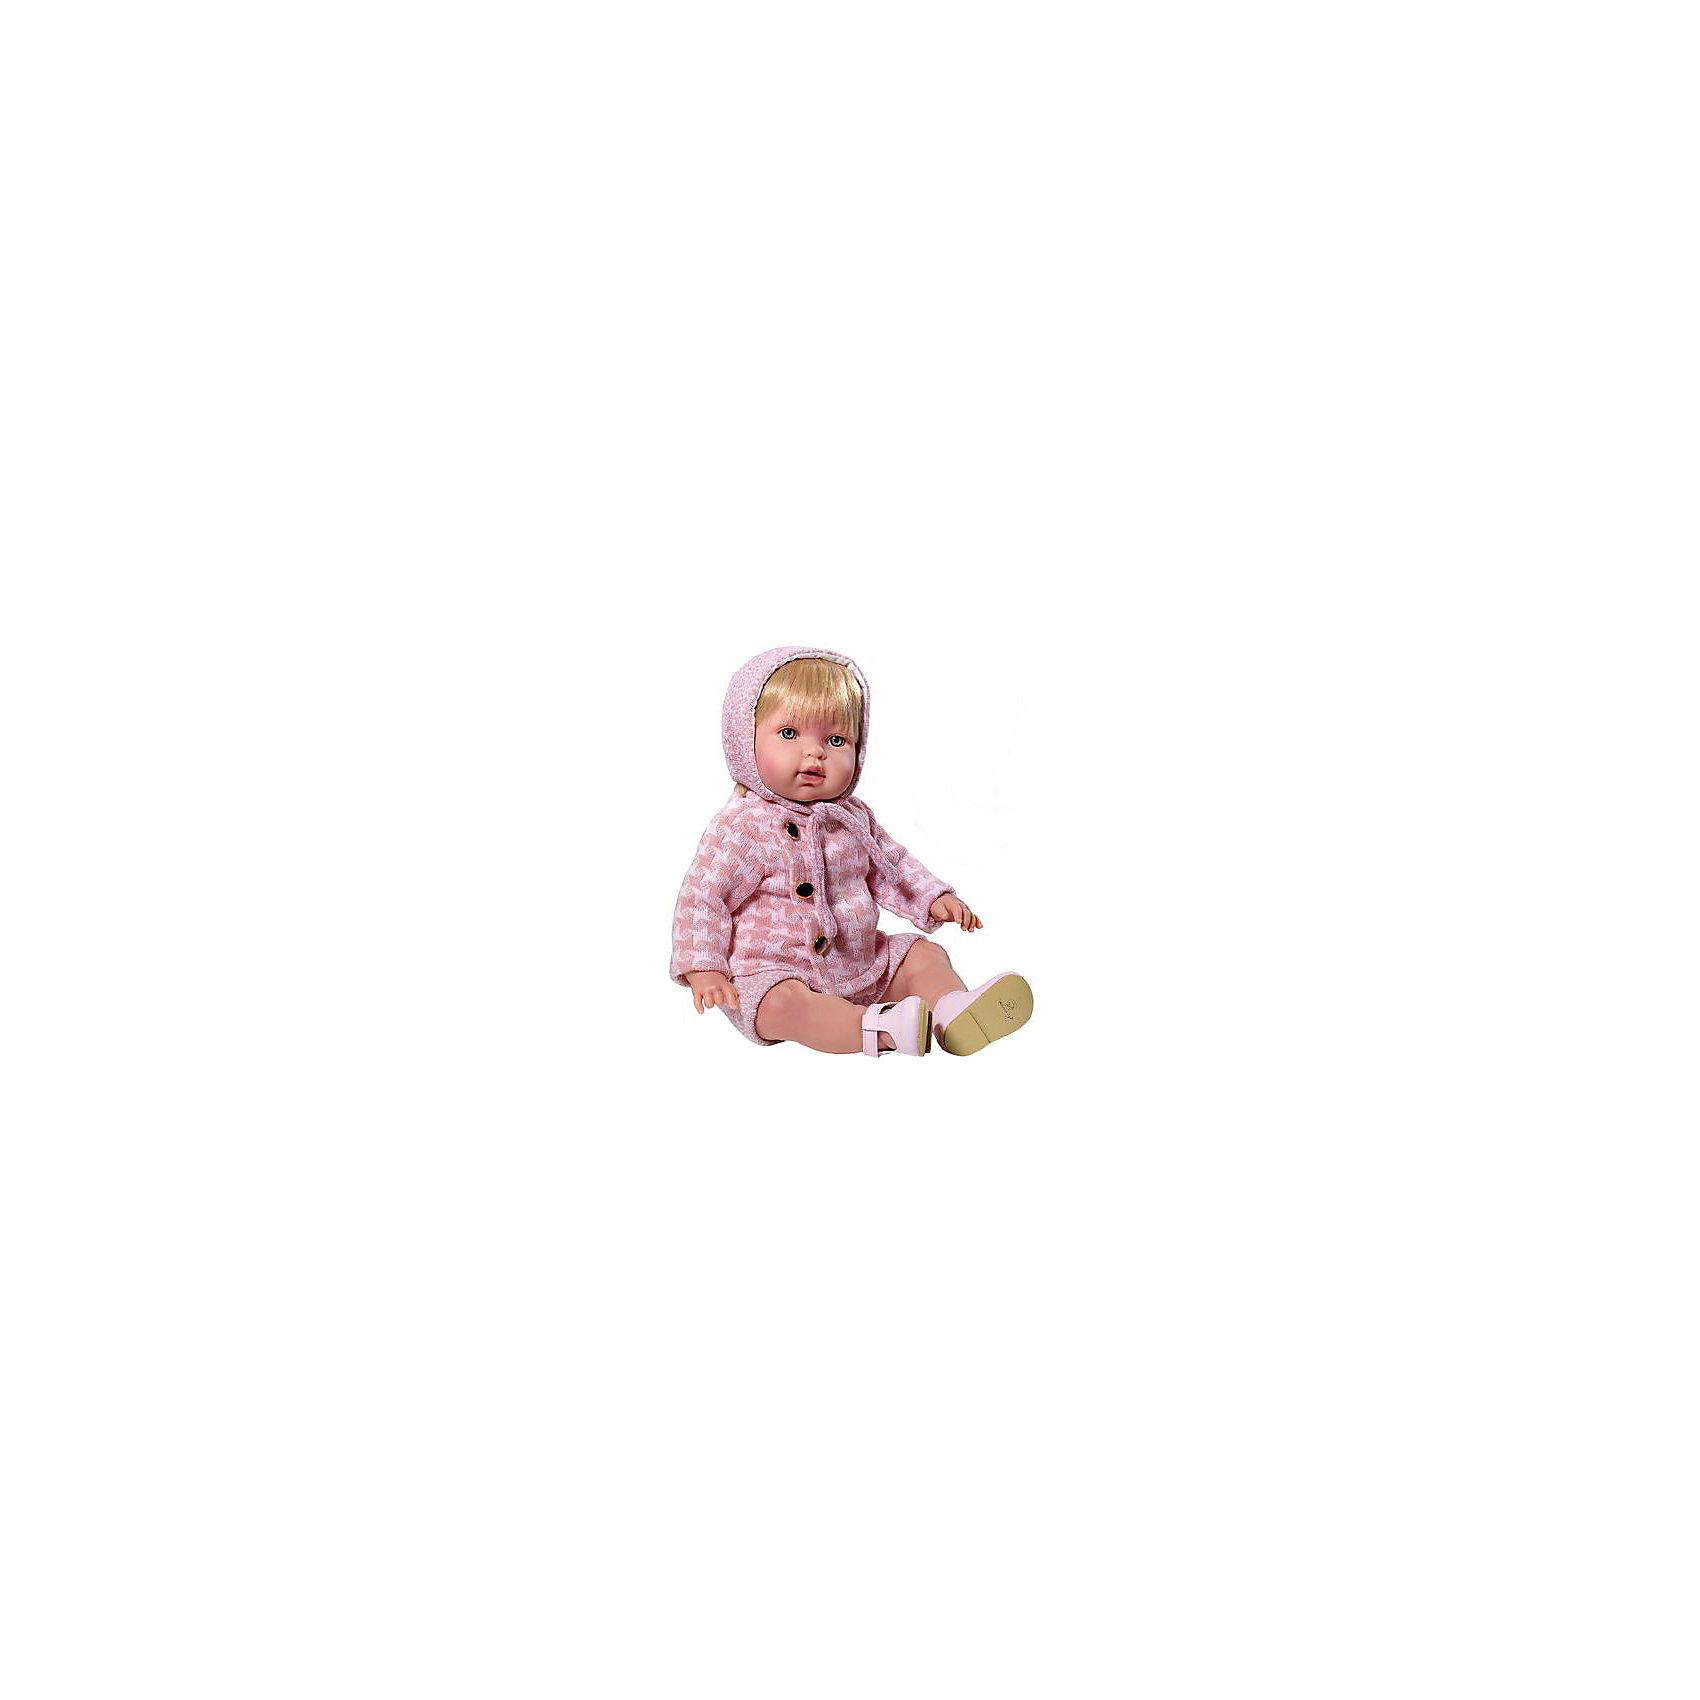 Кукла Vestida de Azul Марина-инфанта в розовом костюме для прогулкиКлассические куклы<br><br><br>Ширина мм: 470<br>Глубина мм: 160<br>Высота мм: 250<br>Вес г: 1350<br>Возраст от месяцев: 36<br>Возраст до месяцев: 2147483647<br>Пол: Женский<br>Возраст: Детский<br>SKU: 7073759